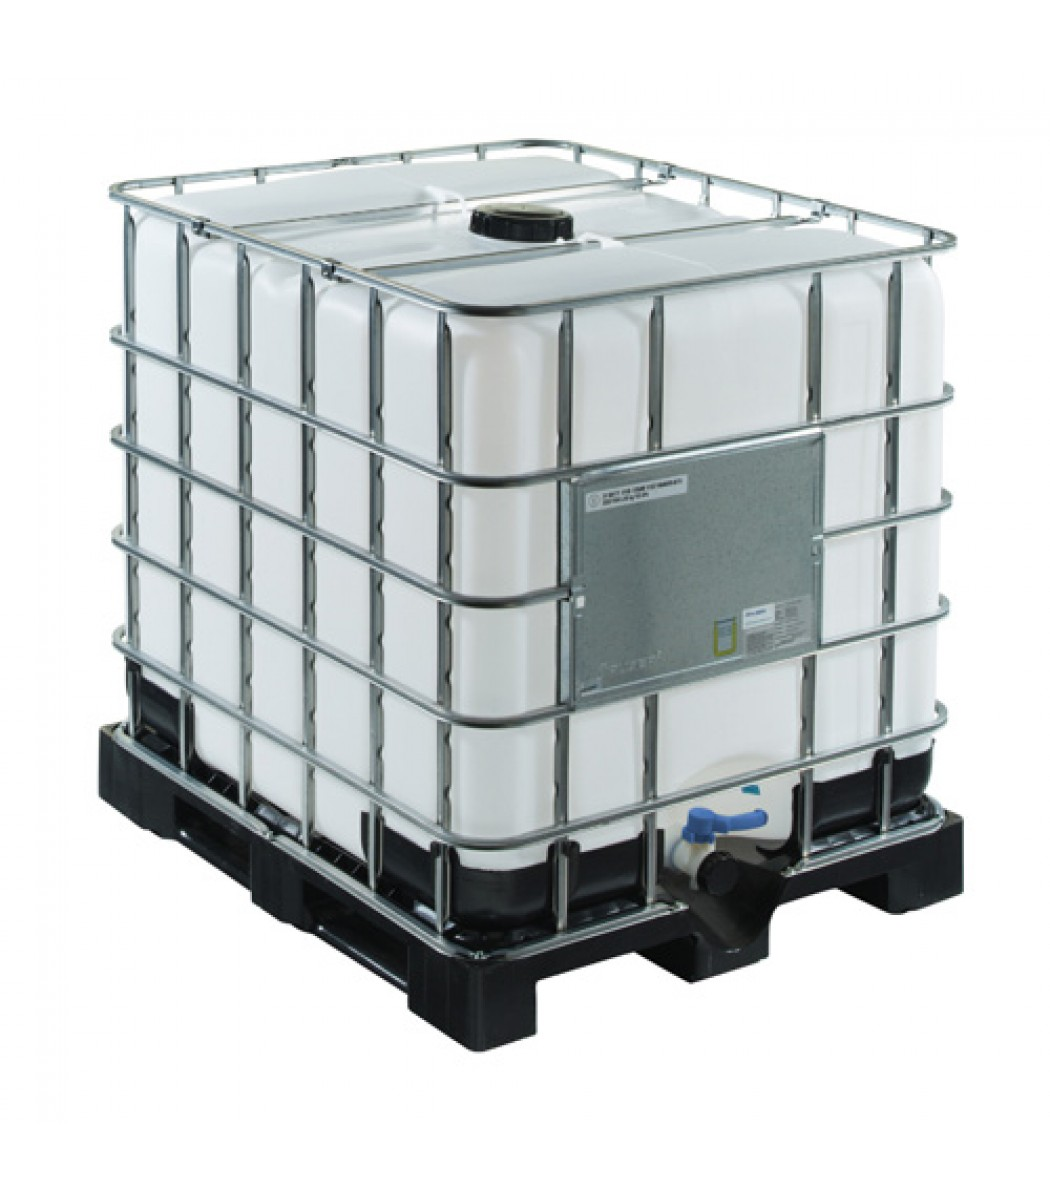 Totes contenedores en mexicali recoenvases m xico Tanque de agua 1000 litros